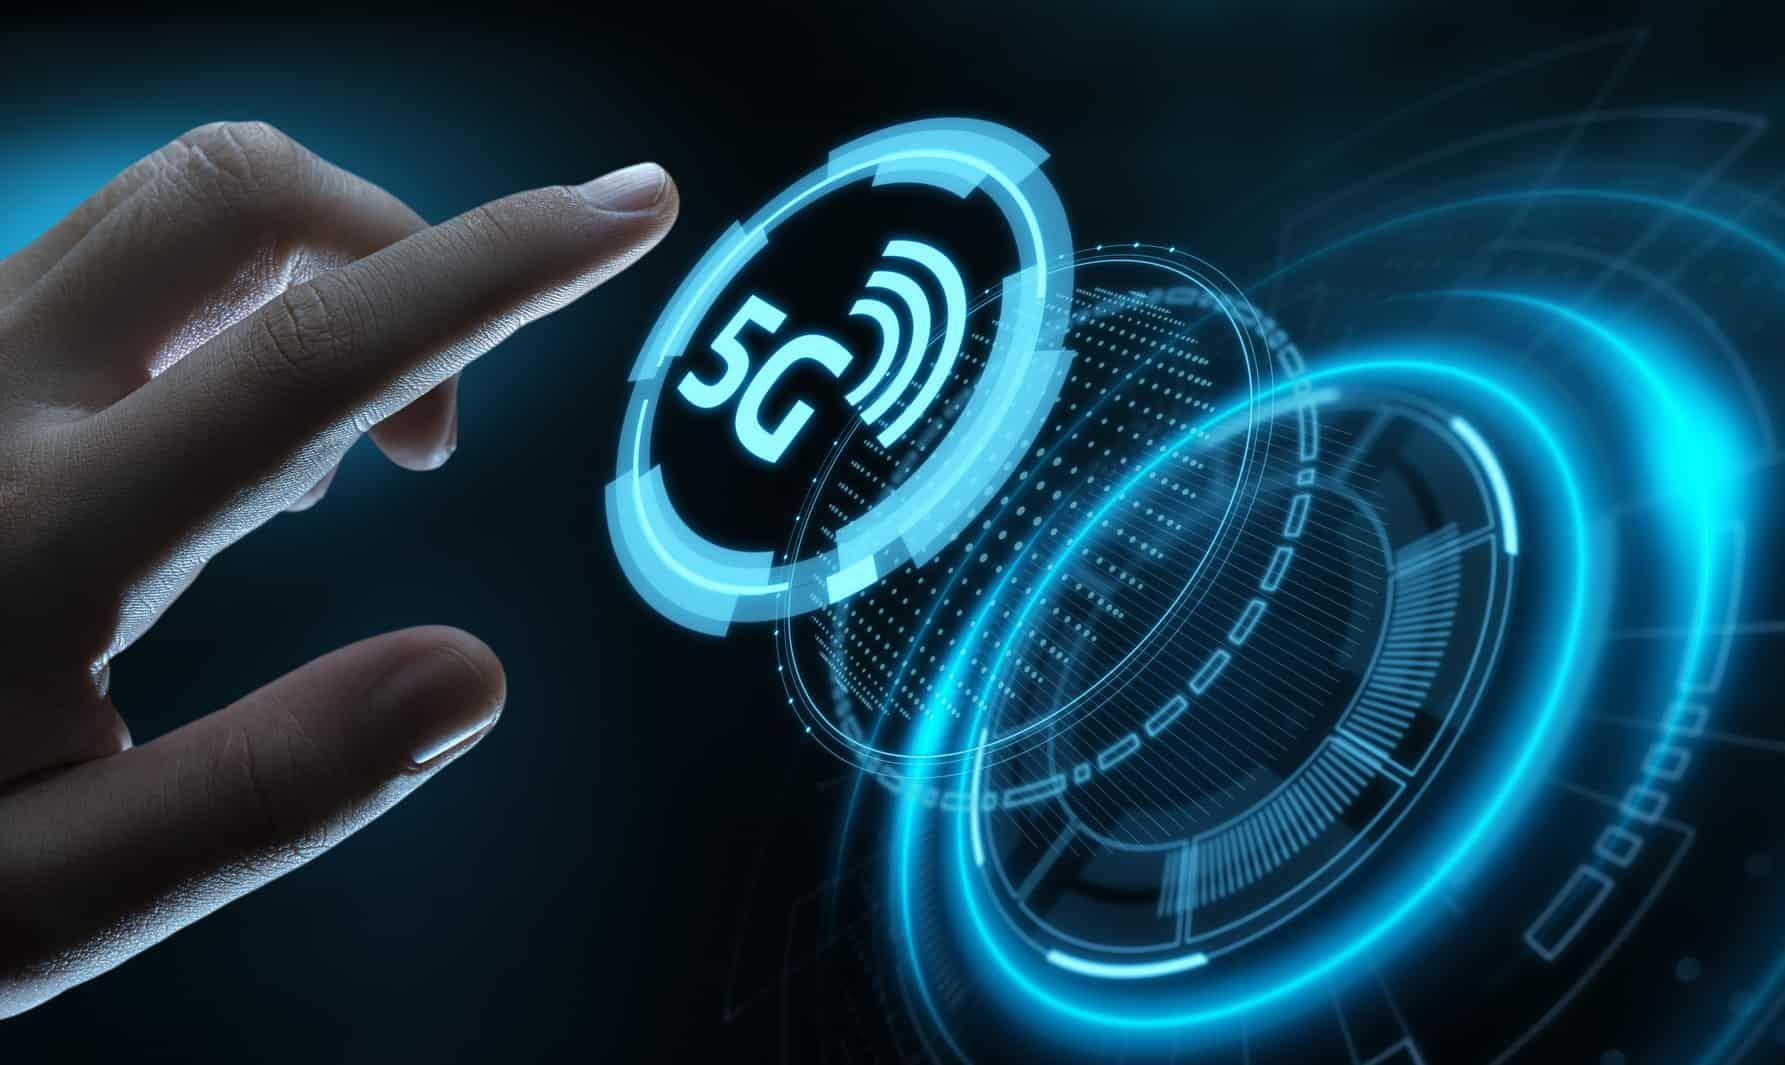 AT&T explotará una red 5G sobre la banda de 3.4 GHz de manera privada y experimental por un periodo de seis meses en la Ciudad de México.